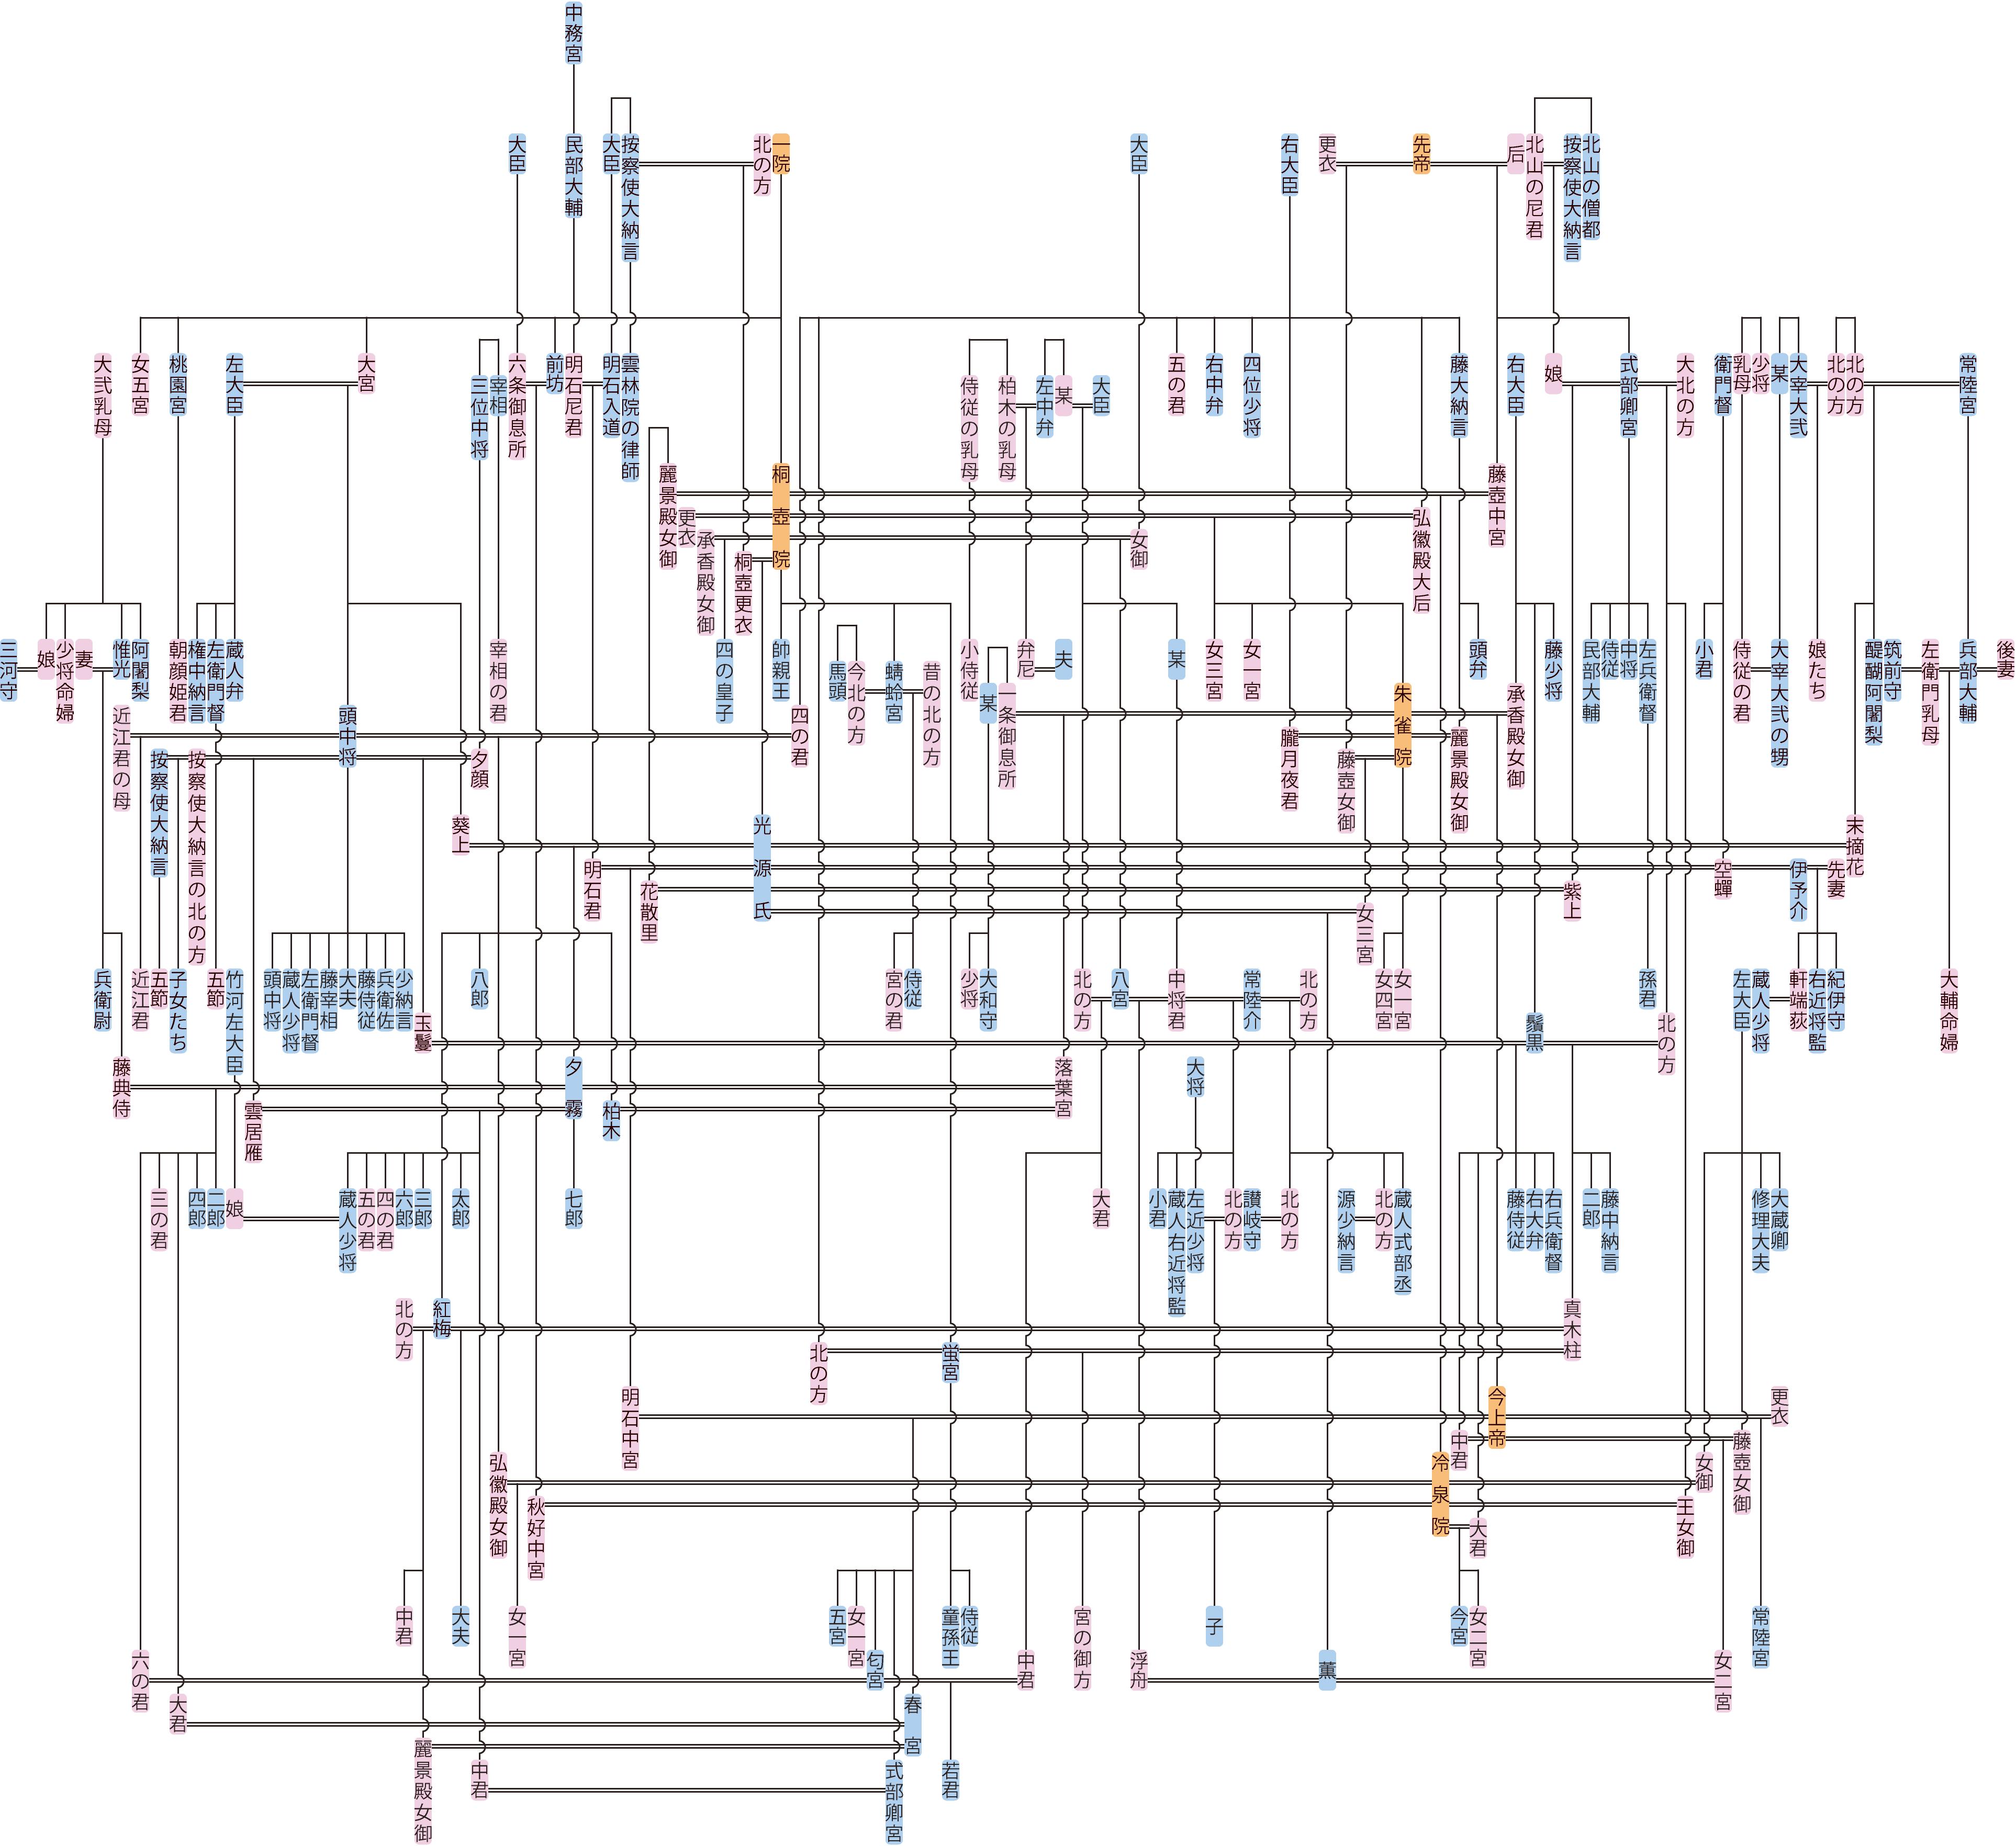 『源氏物語』の登場人物の系図